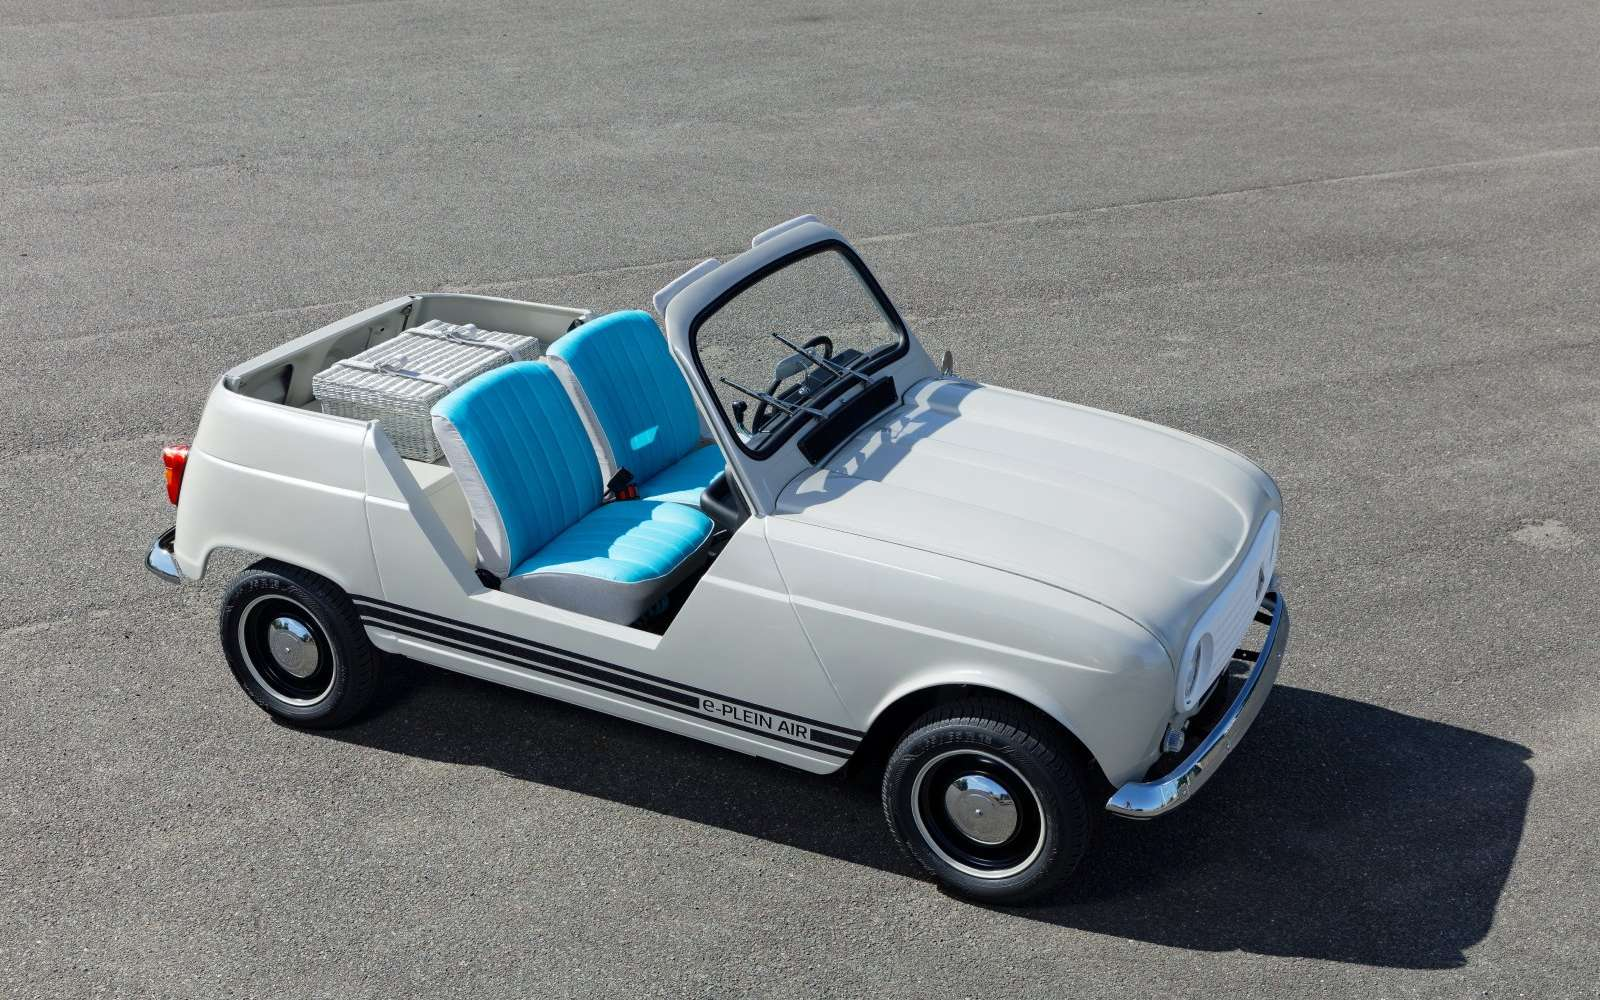 La Renault e-Plein-Air aura-t-elle un destin commercial ? © Renault